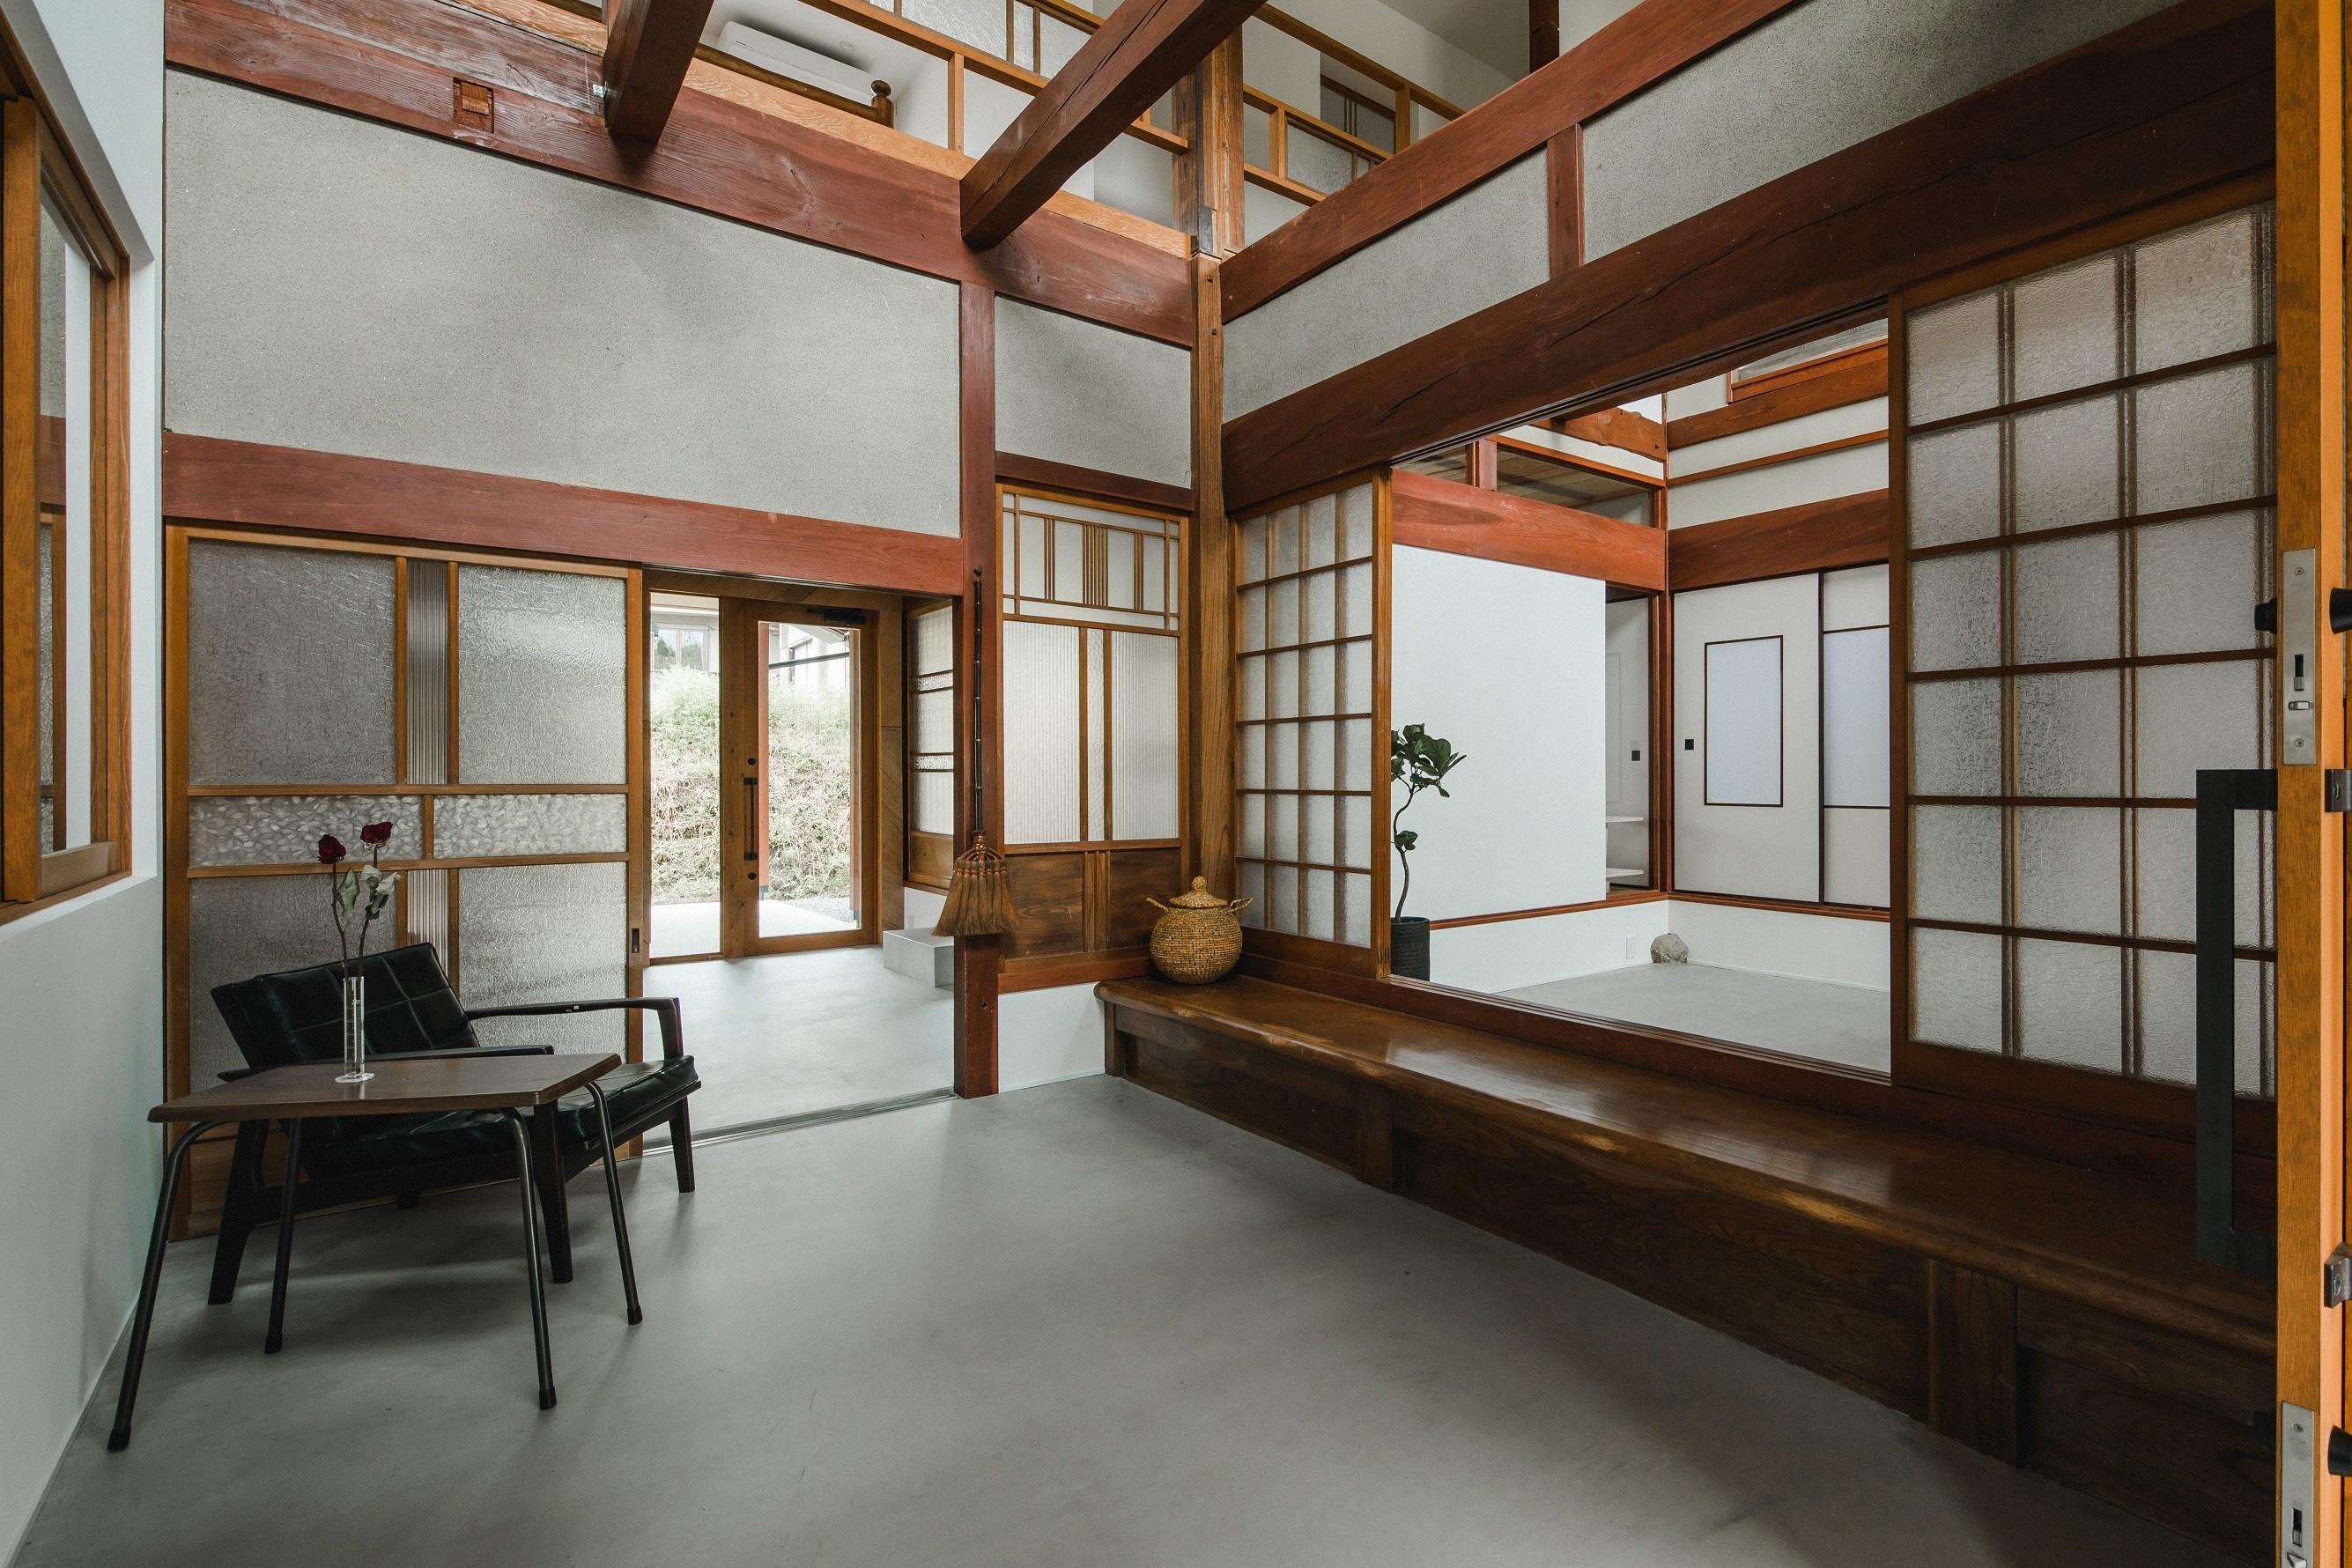 玄関事例:玄関(古民家カフェみたいな日本家屋リノベーション(下戸山の家リノベーション))